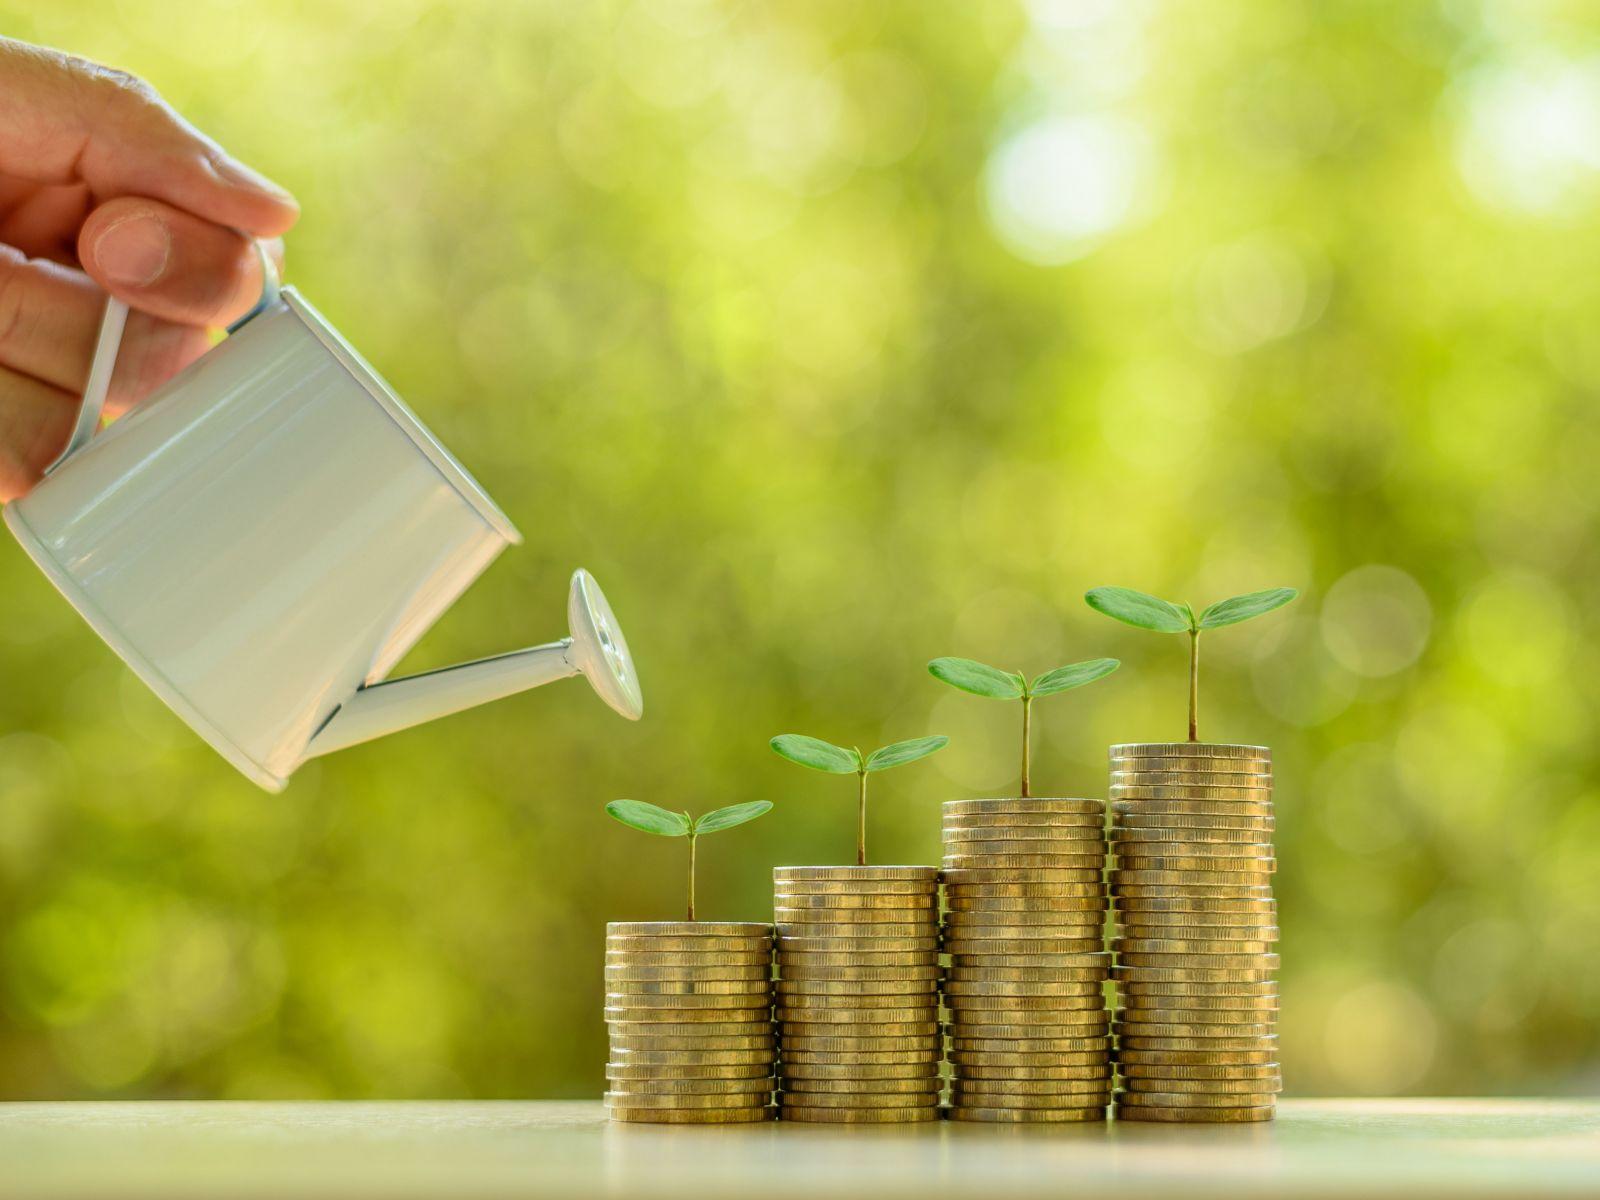 耐心及堅持不懈,是成為行為投資人必備的條件